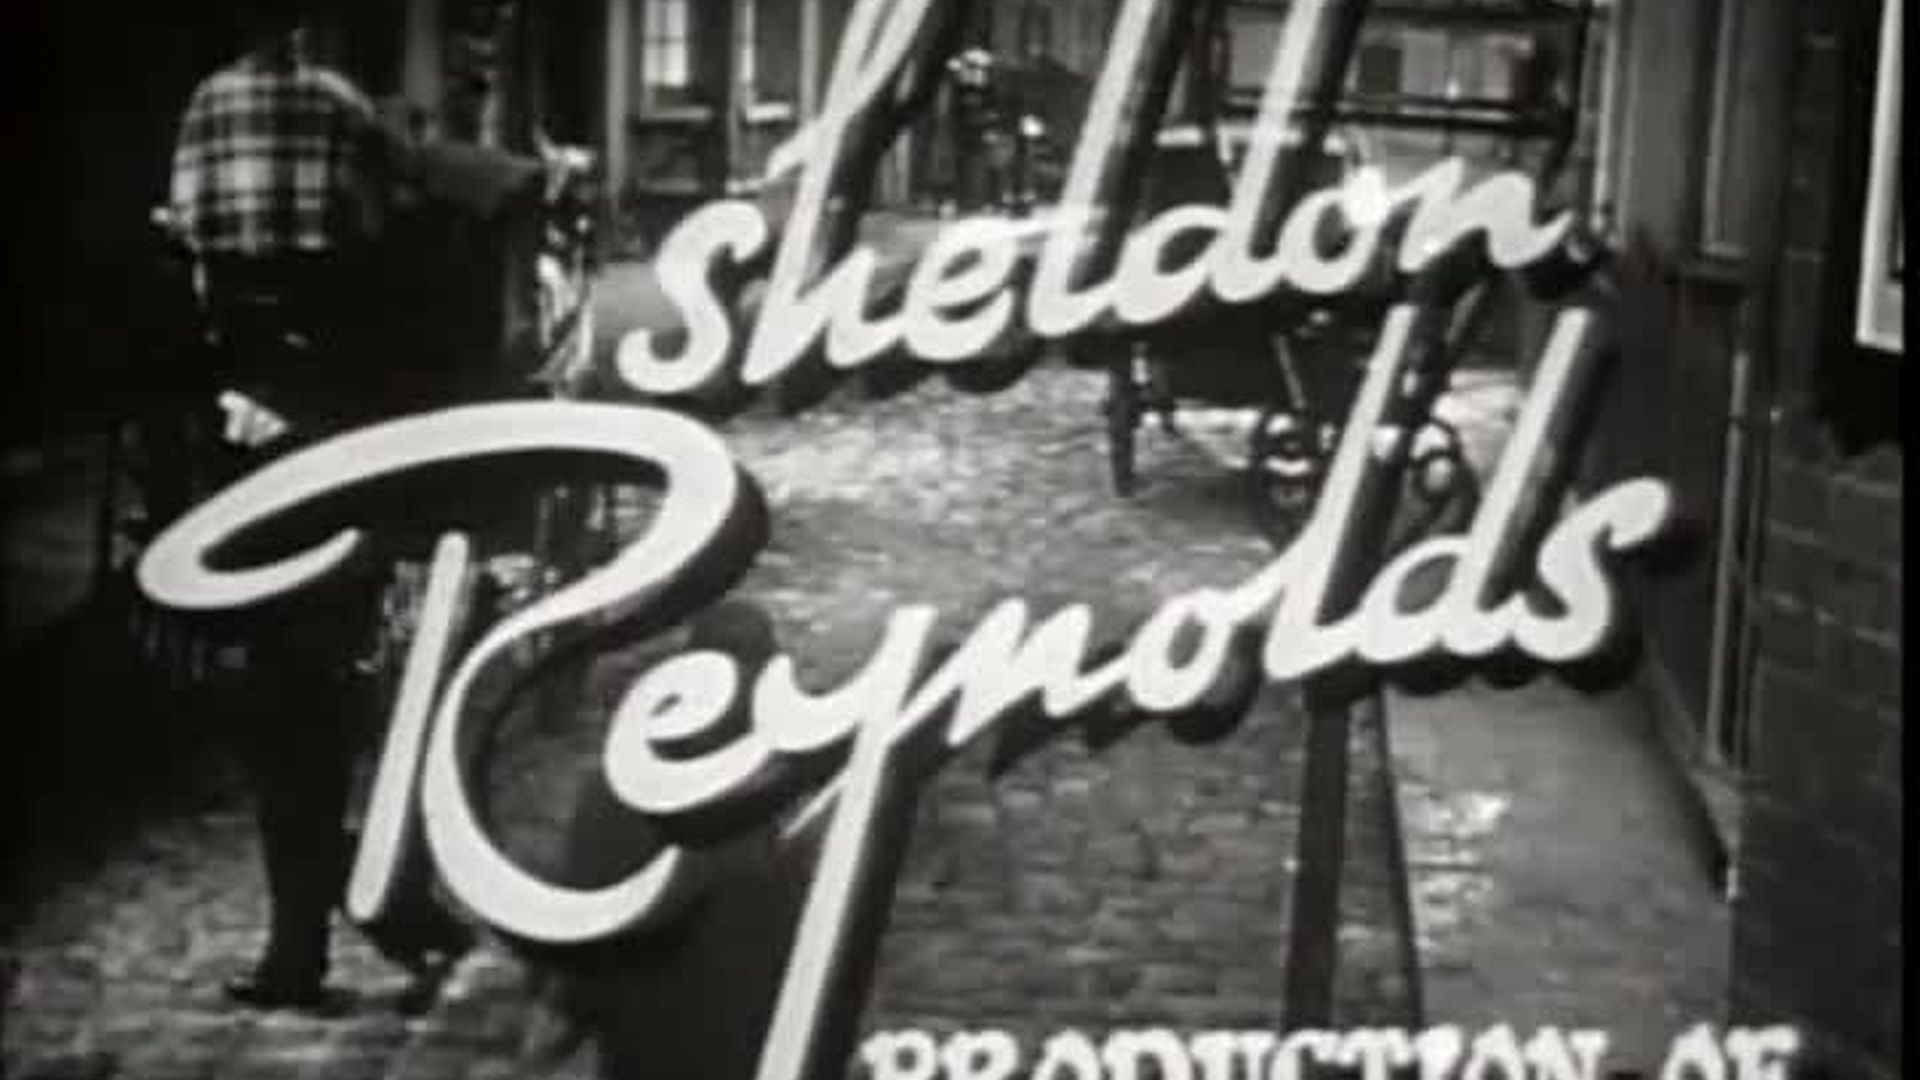 Adventures of Sherlock Holmes - Unlucky Gambler